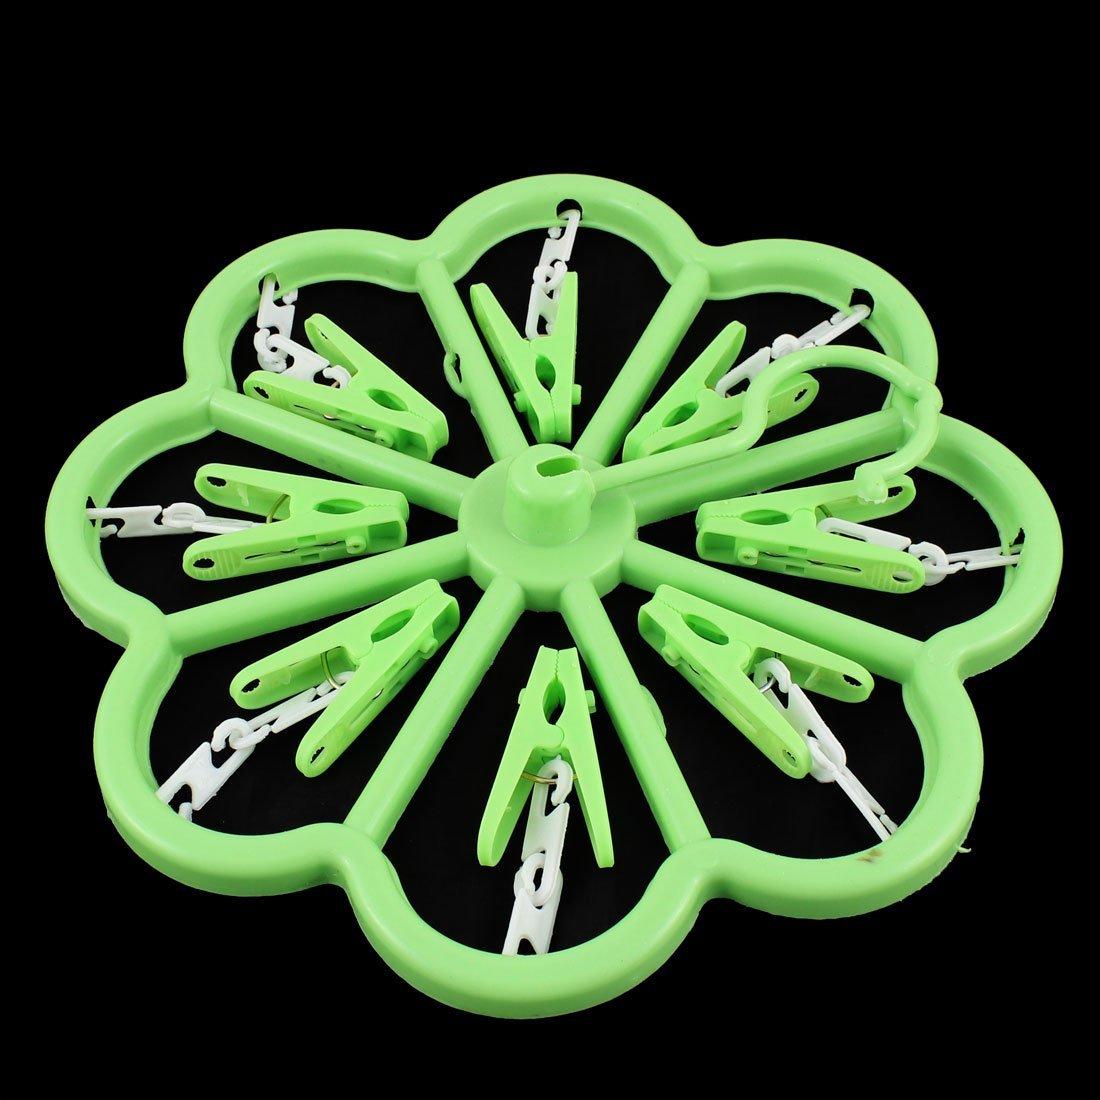 Amazon.com: eDealMax hogar 8 Pinzas de ropa de lavandería de la ropa Interior calcetines de la suspensión Verde 2pcs: Home & Kitchen